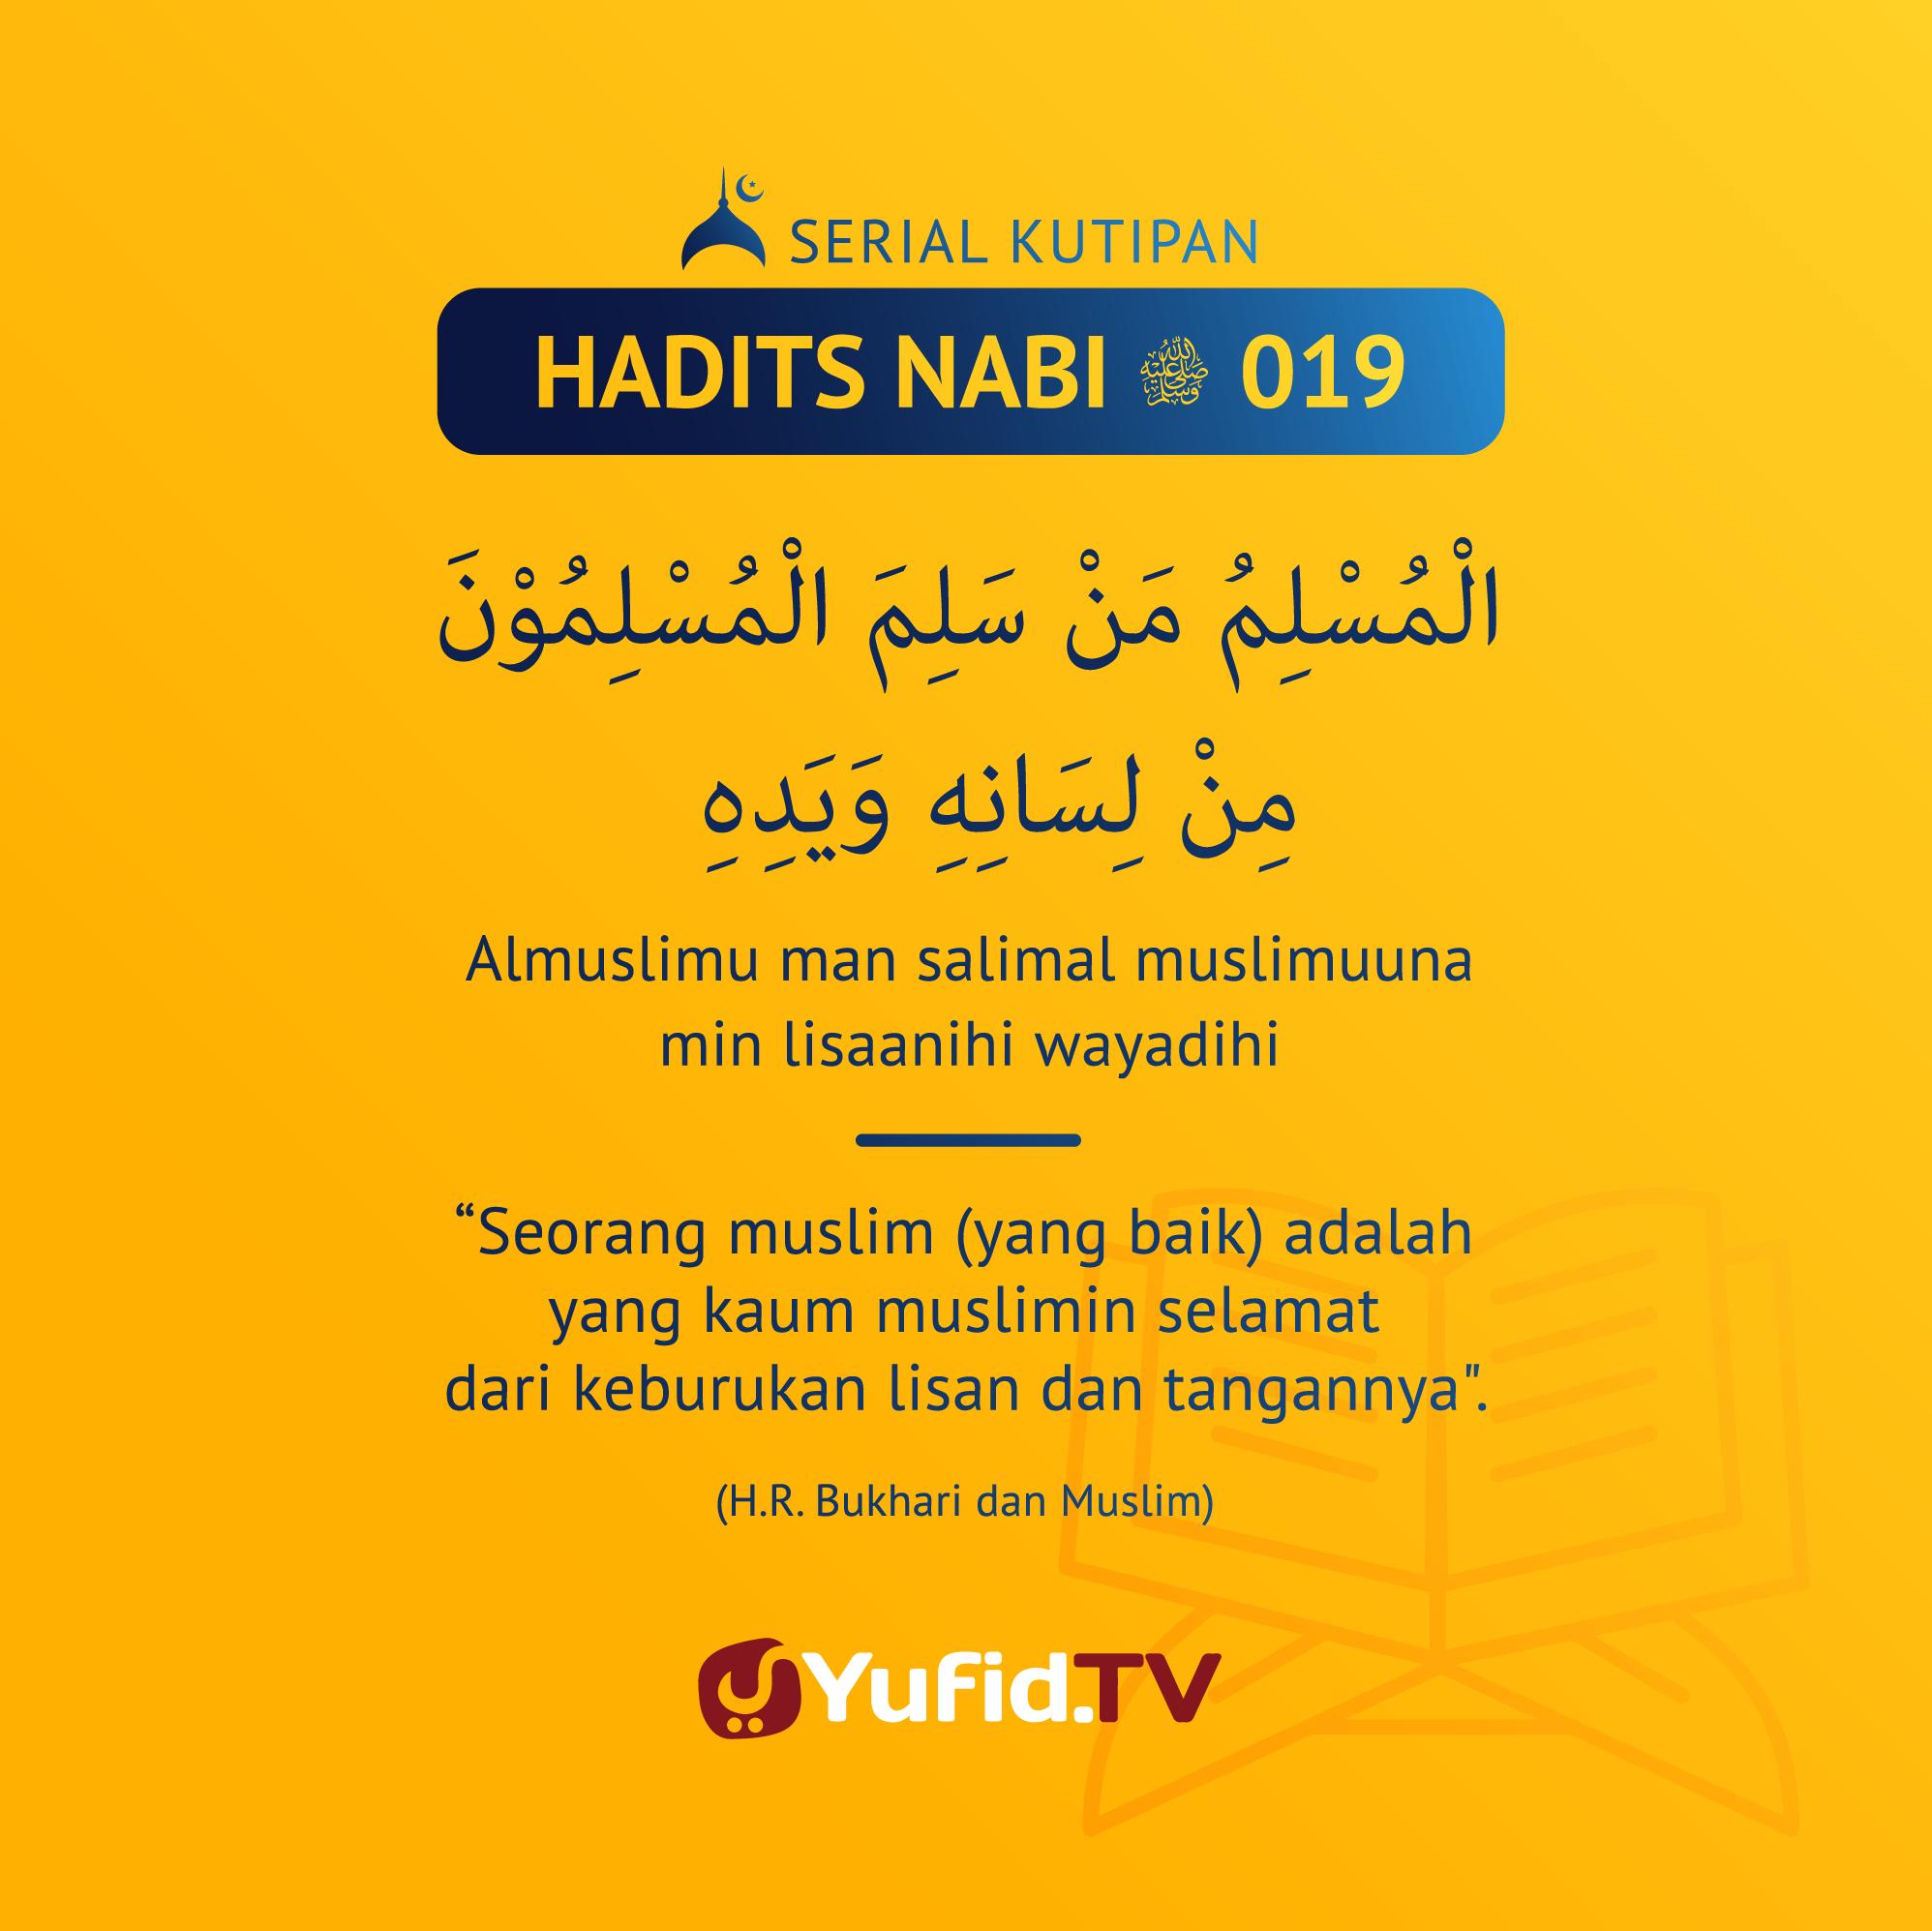 Serial Kutipan Hadits Nabi: Muslim yang Baik